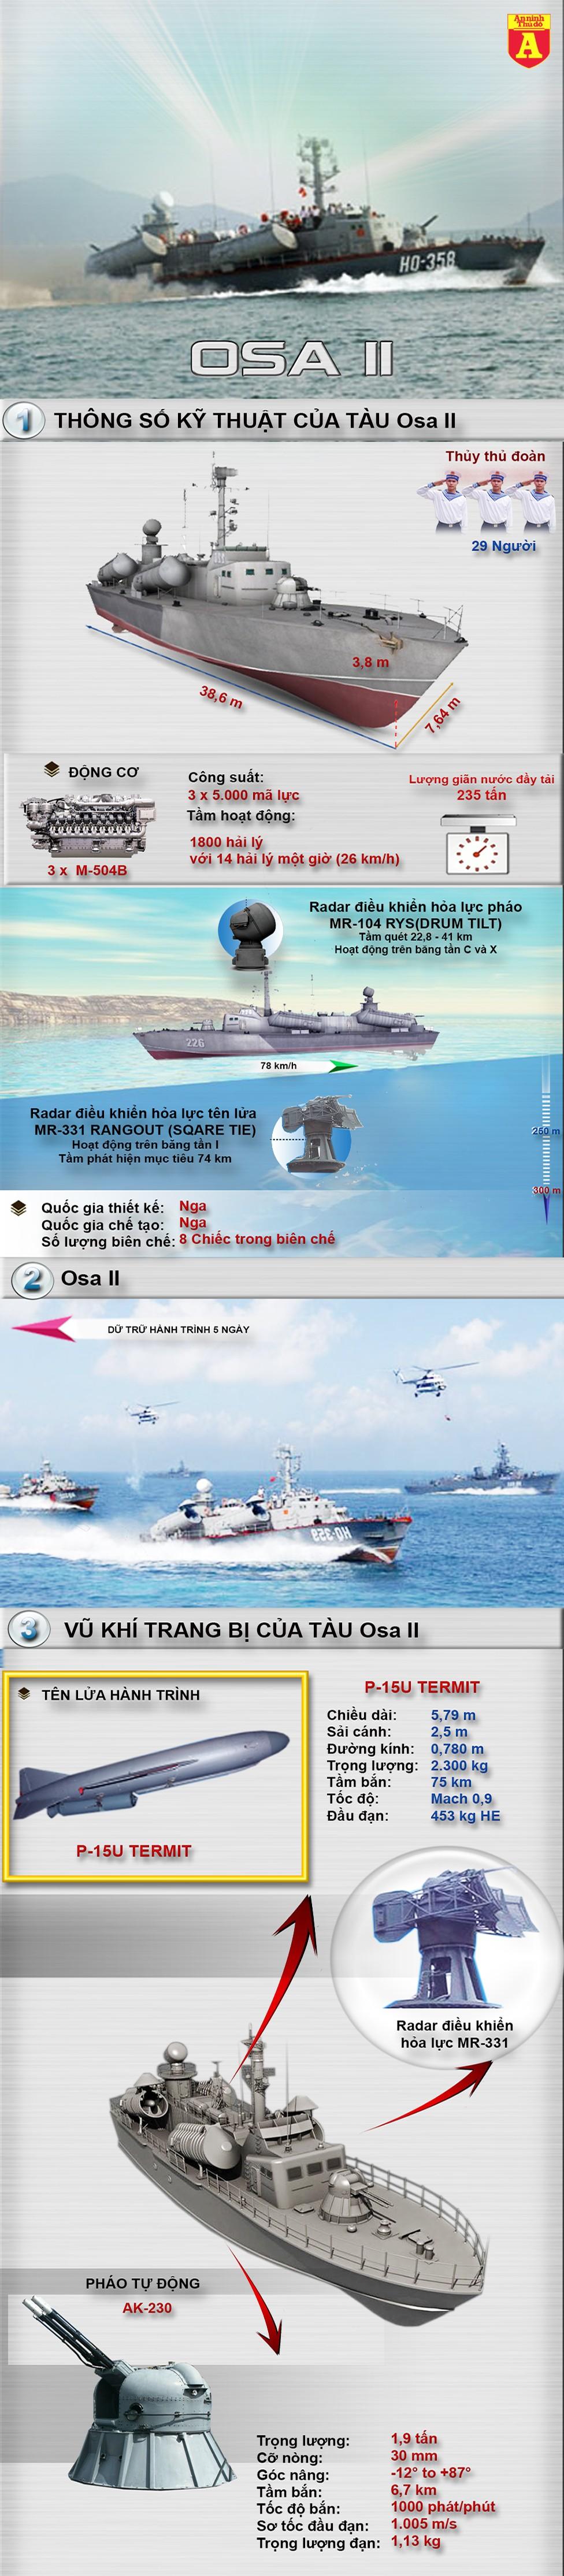 [Infographic] Osa II-Tàu tên lửa cao tốc cực nguy hiểm, Việt Nam sở hữu ảnh 2